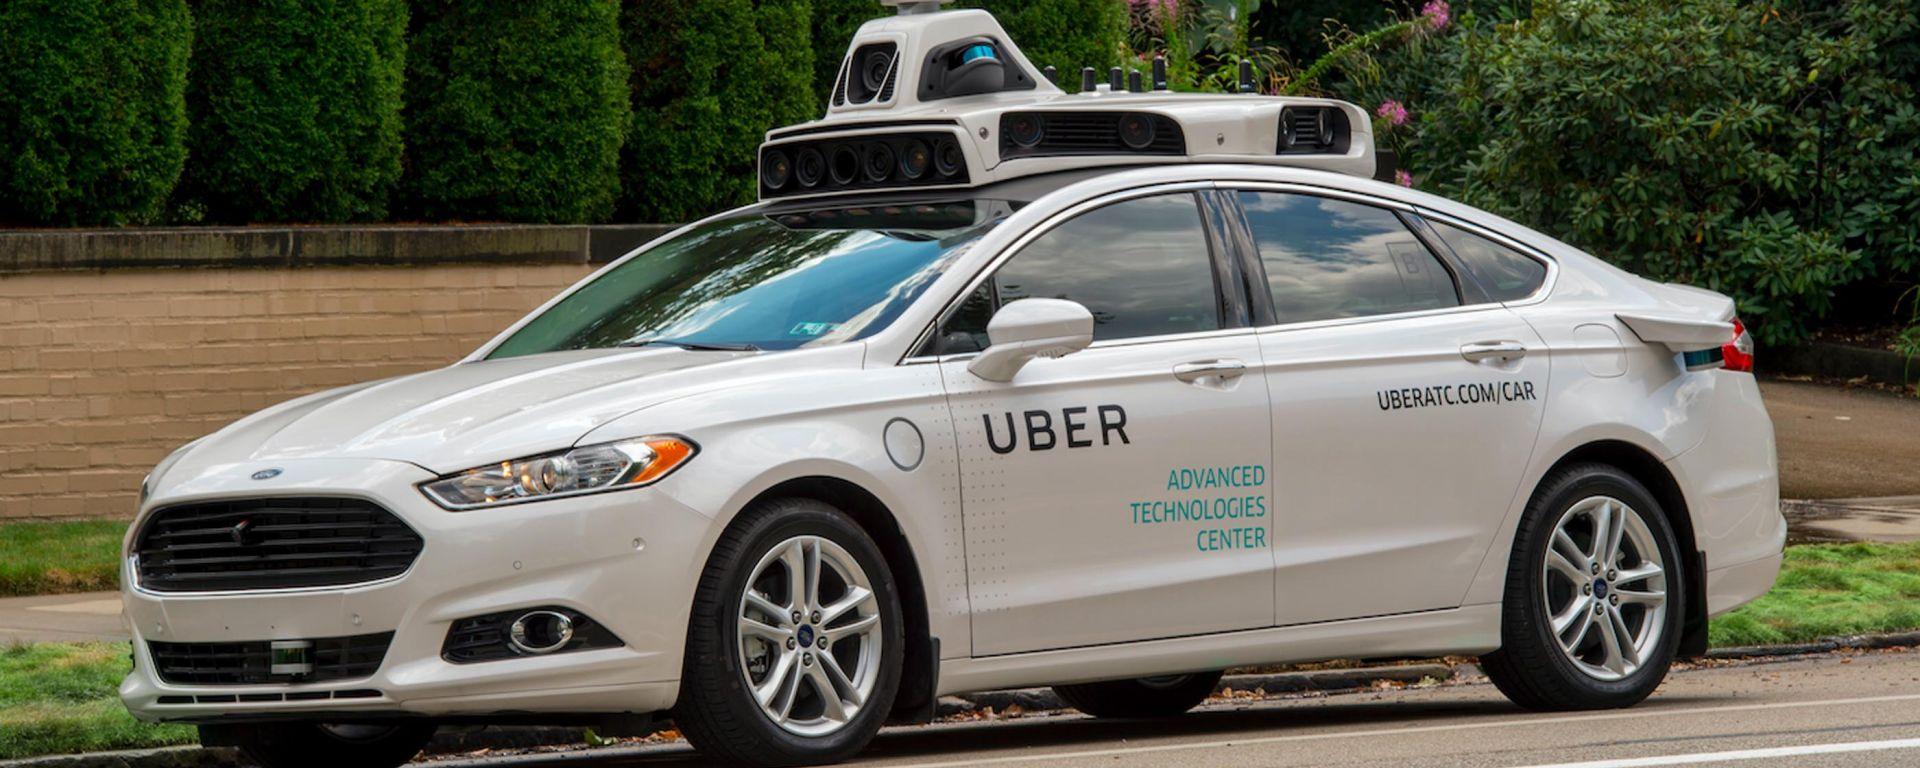 Uber: la Ford Fusion a guida autonoma ha iniziato i test per le strade di Pittsburgh